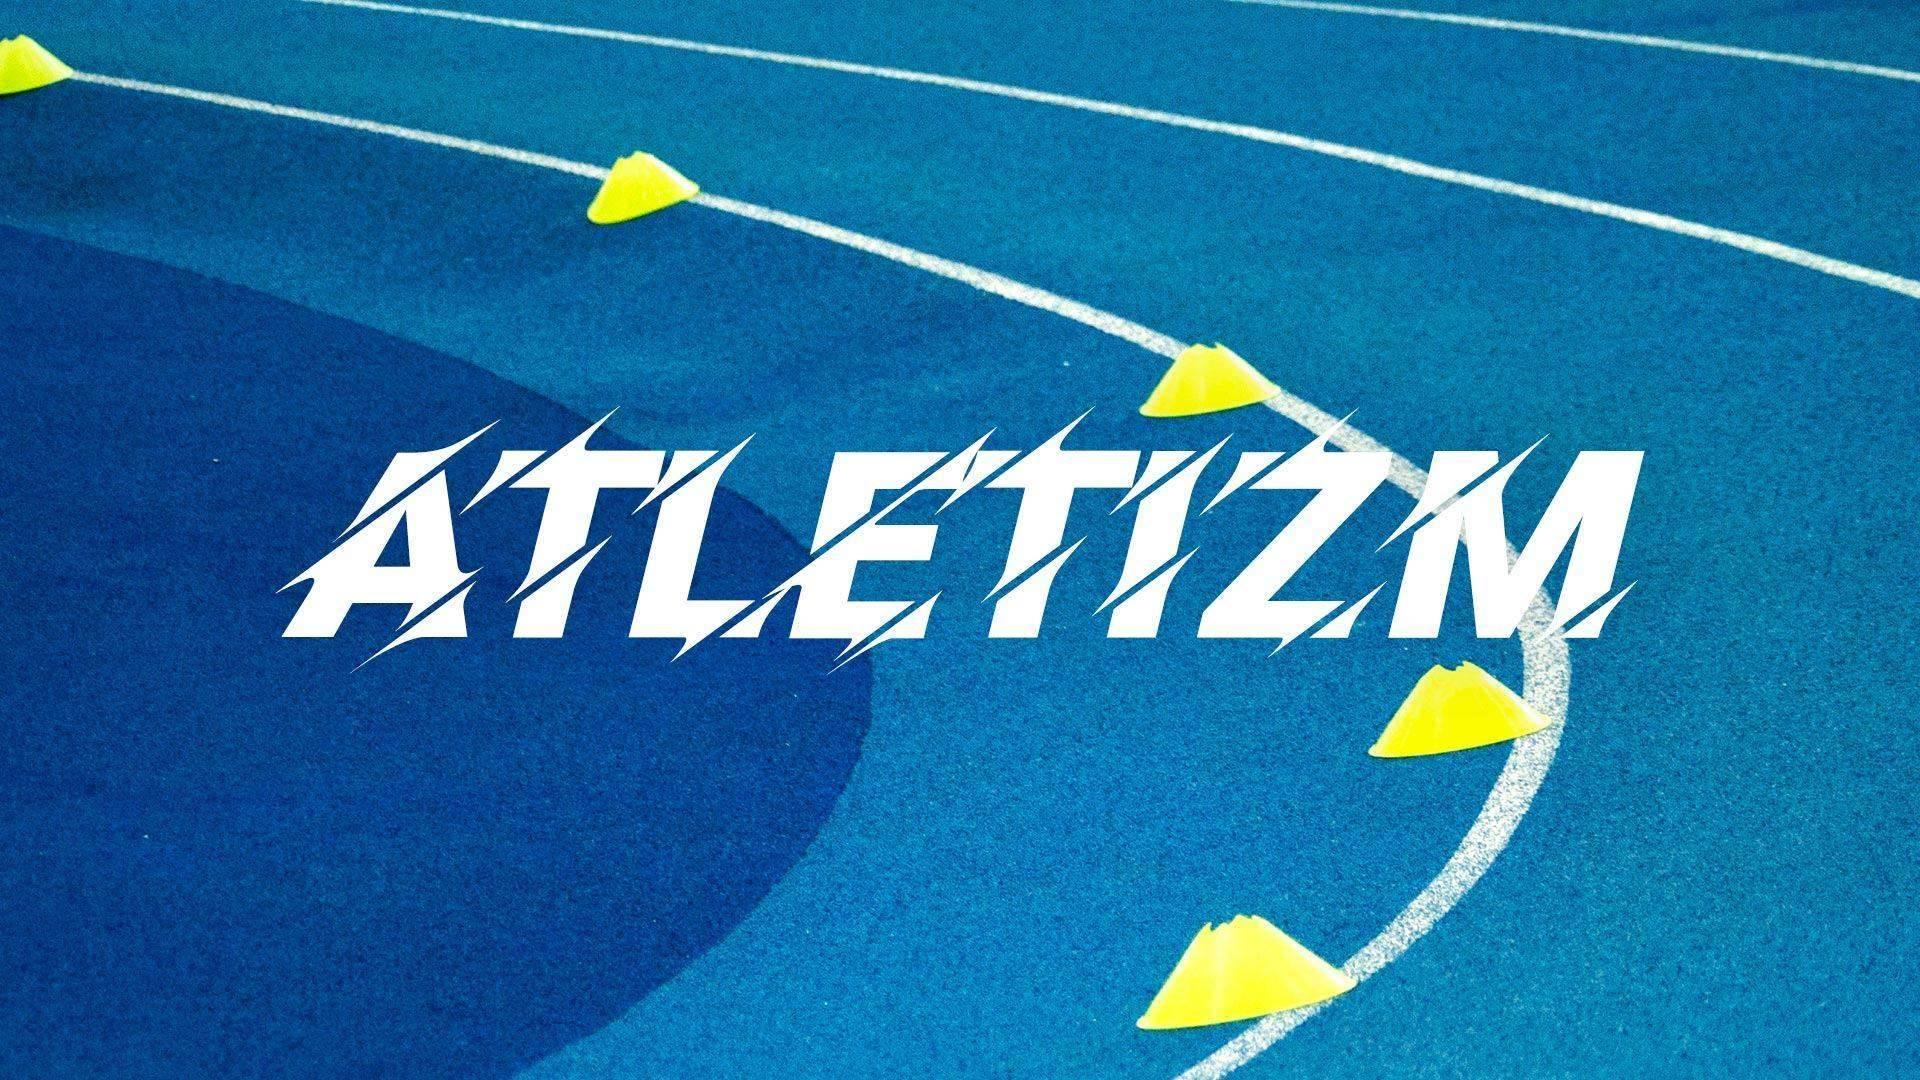 Atletizmde Türkiye Kros Şampiyonası gerçekleştirildi